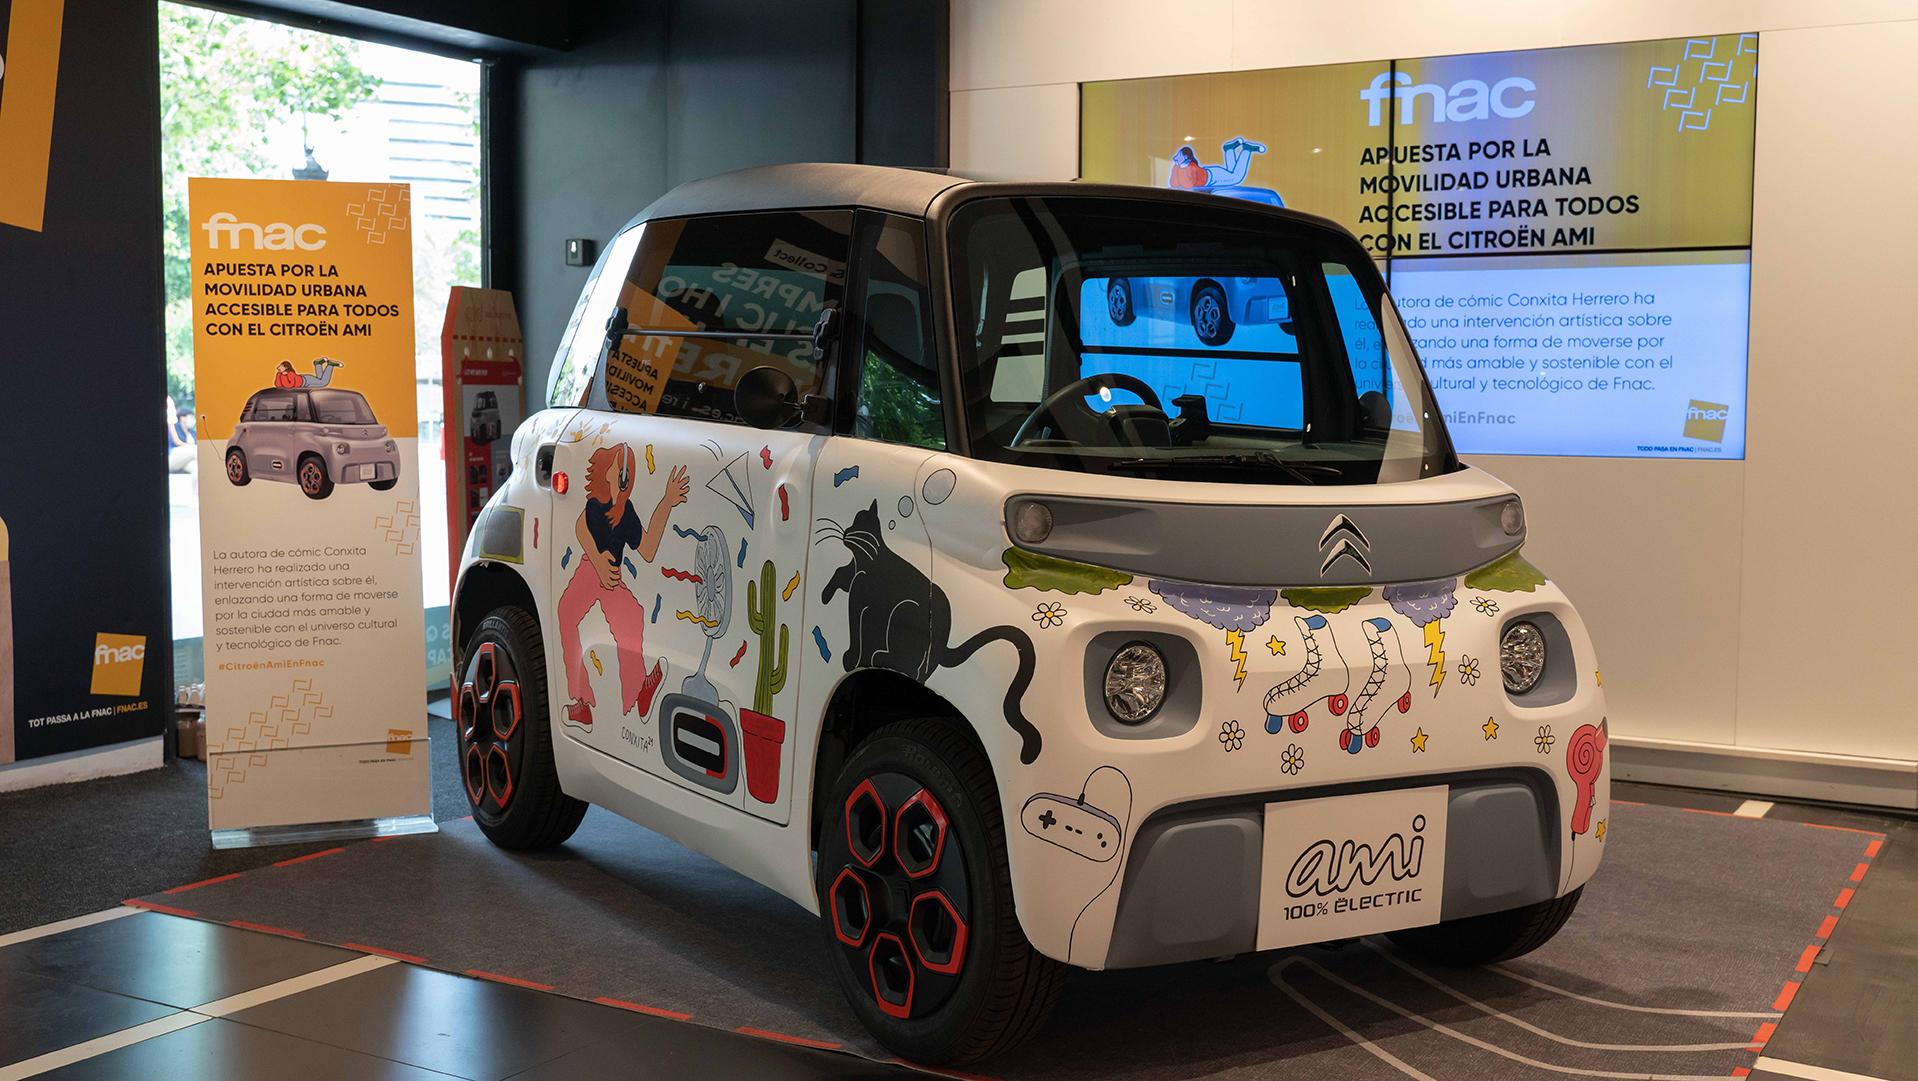 Citroën Ami, a la venta en FNAC